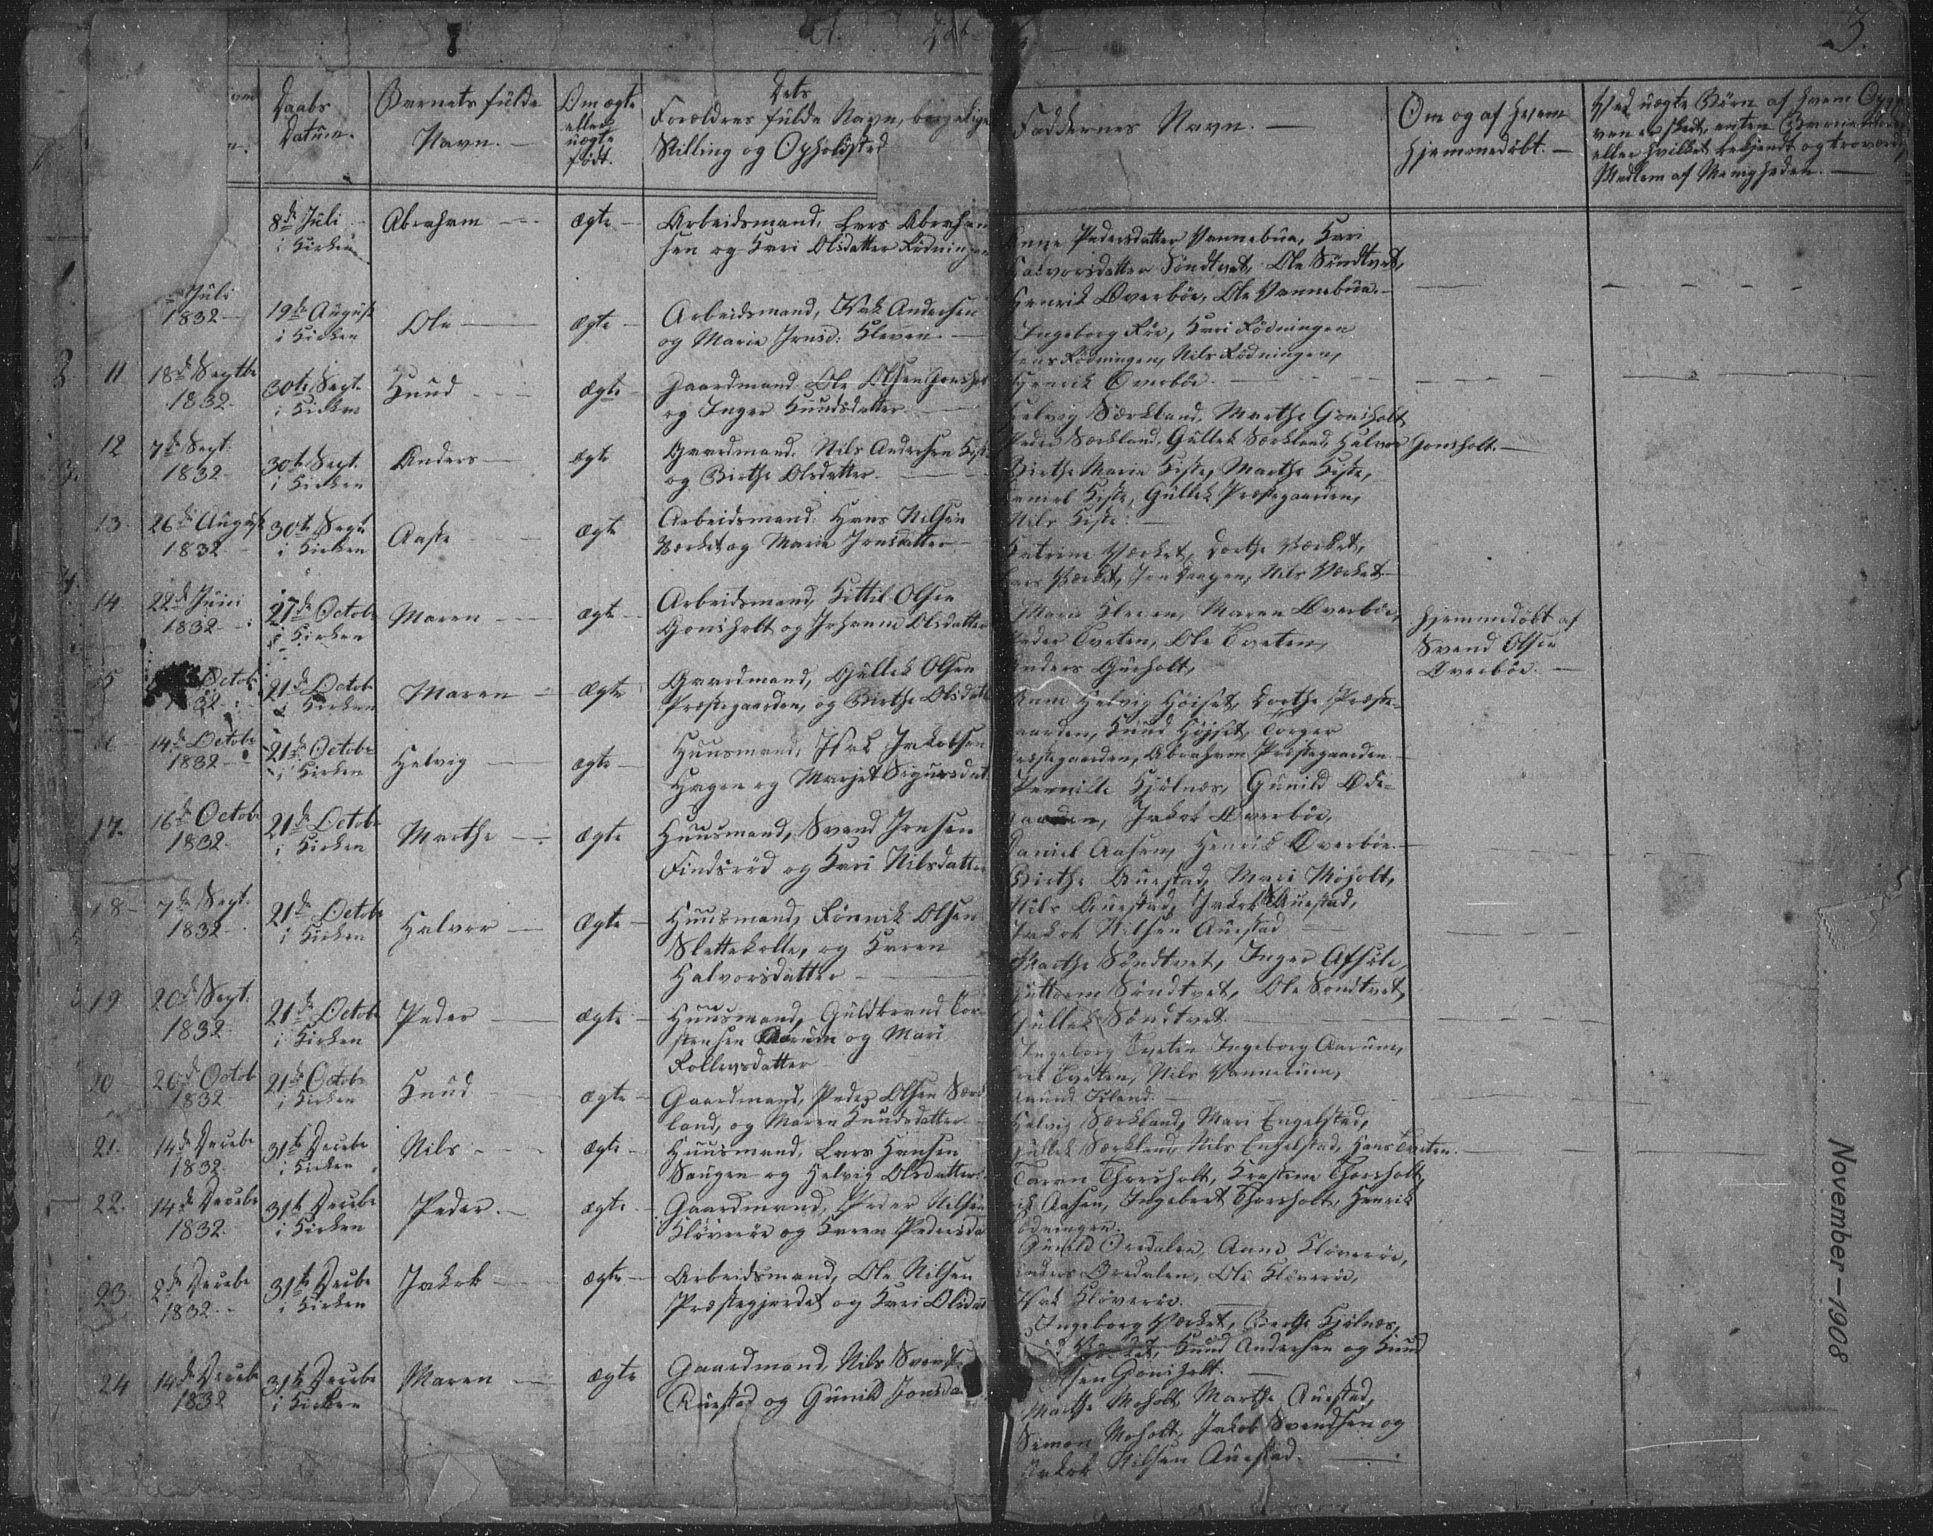 SAKO, Siljan kirkebøker, F/Fa/L0001: Ministerialbok nr. 1, 1831-1870, s. 3